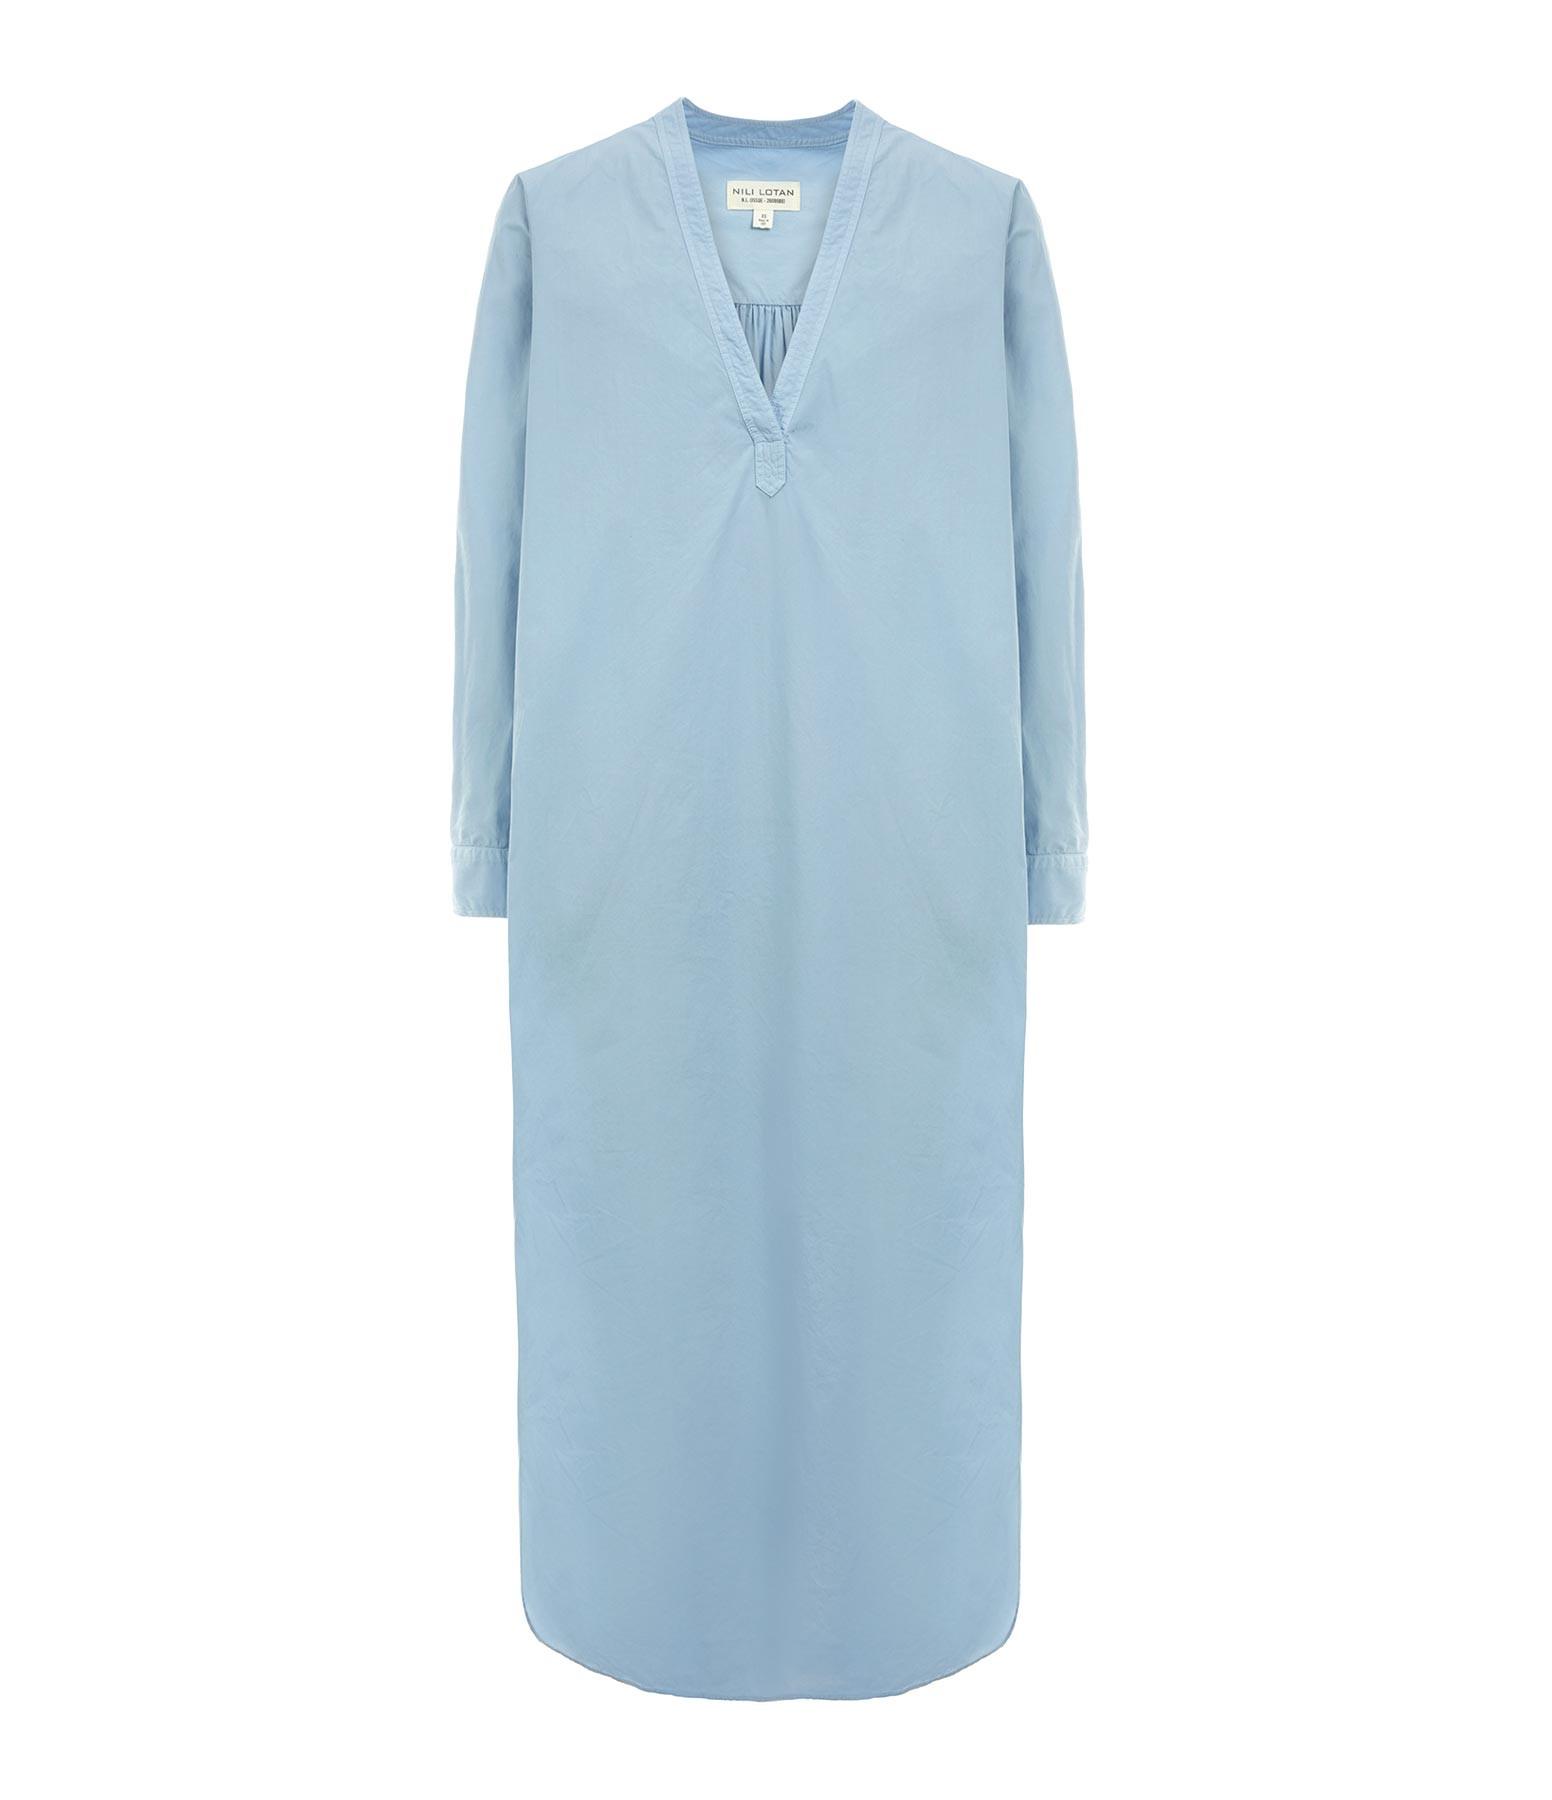 NILI LOTAN - Robe Raven Coton Bleu